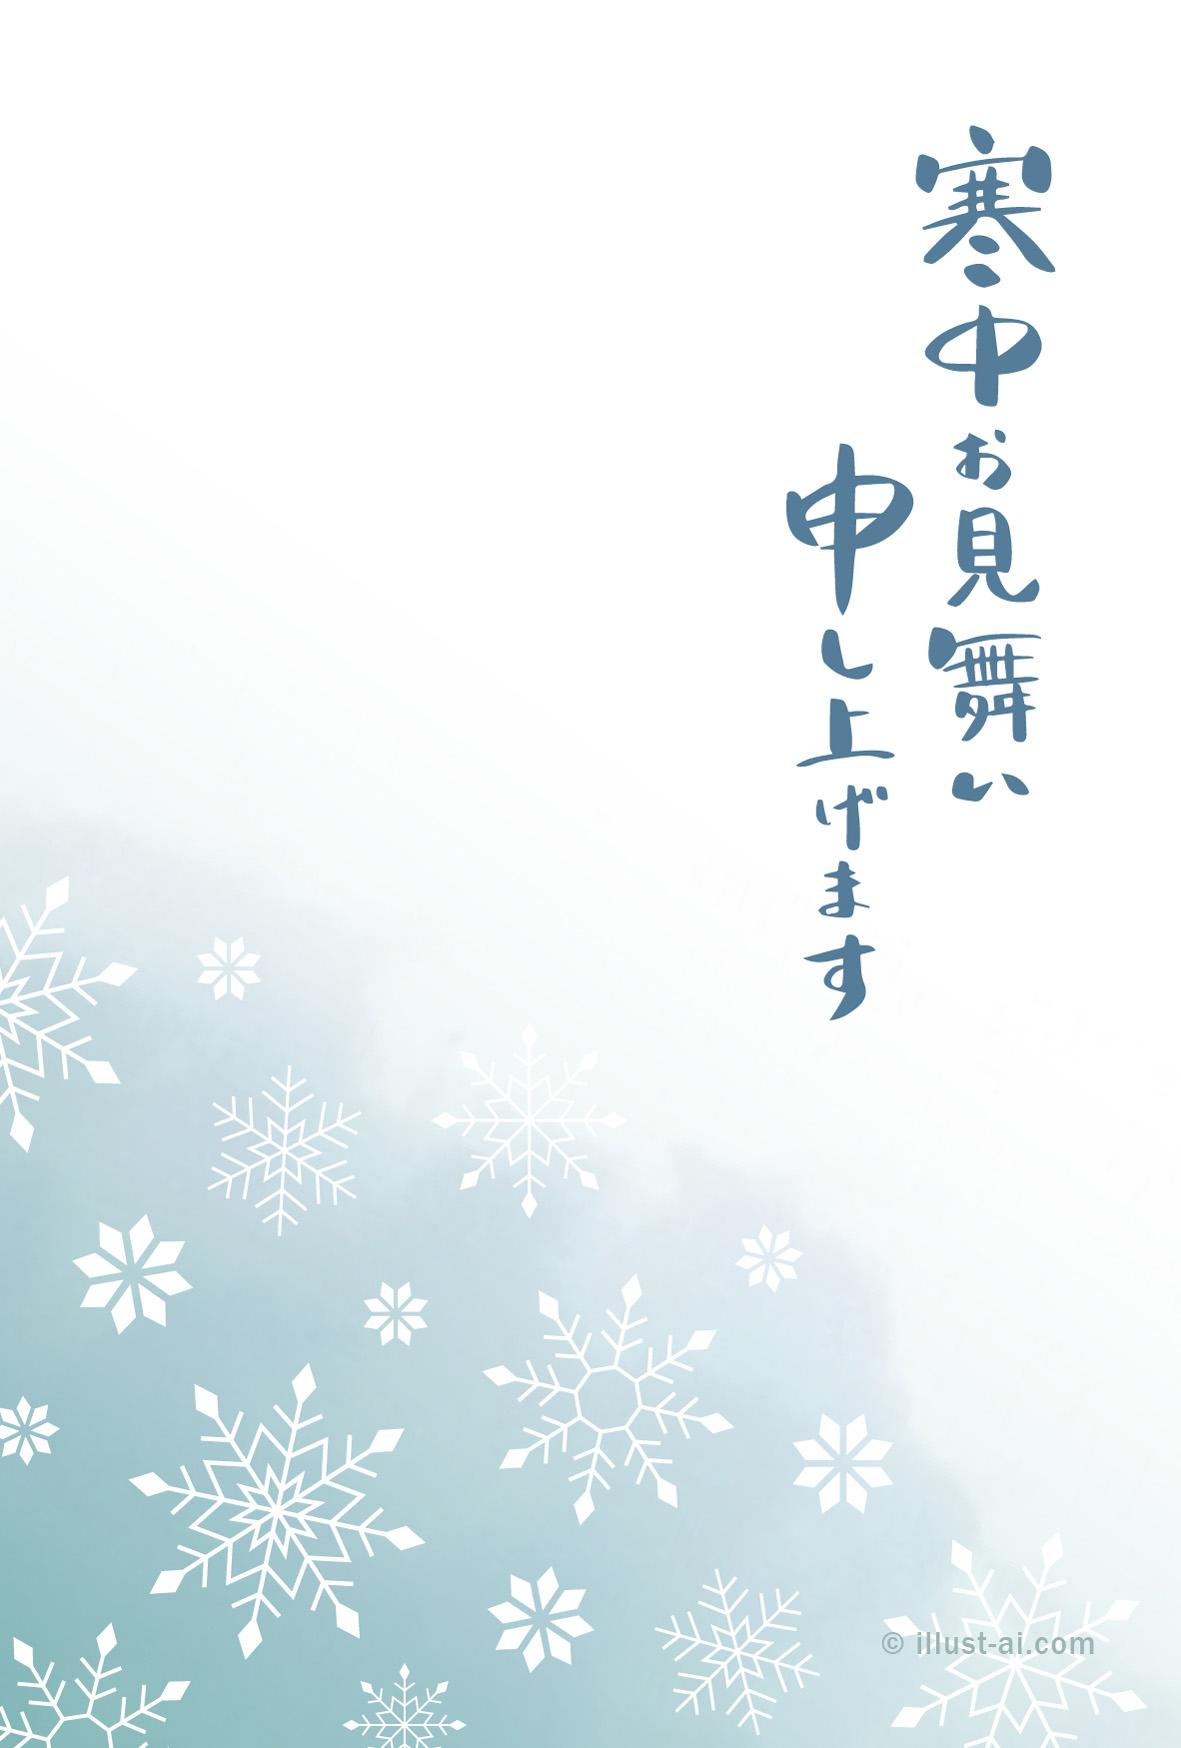 シンプルな雪の結晶のイラスト , 寒中お見舞い2019 ポストカード